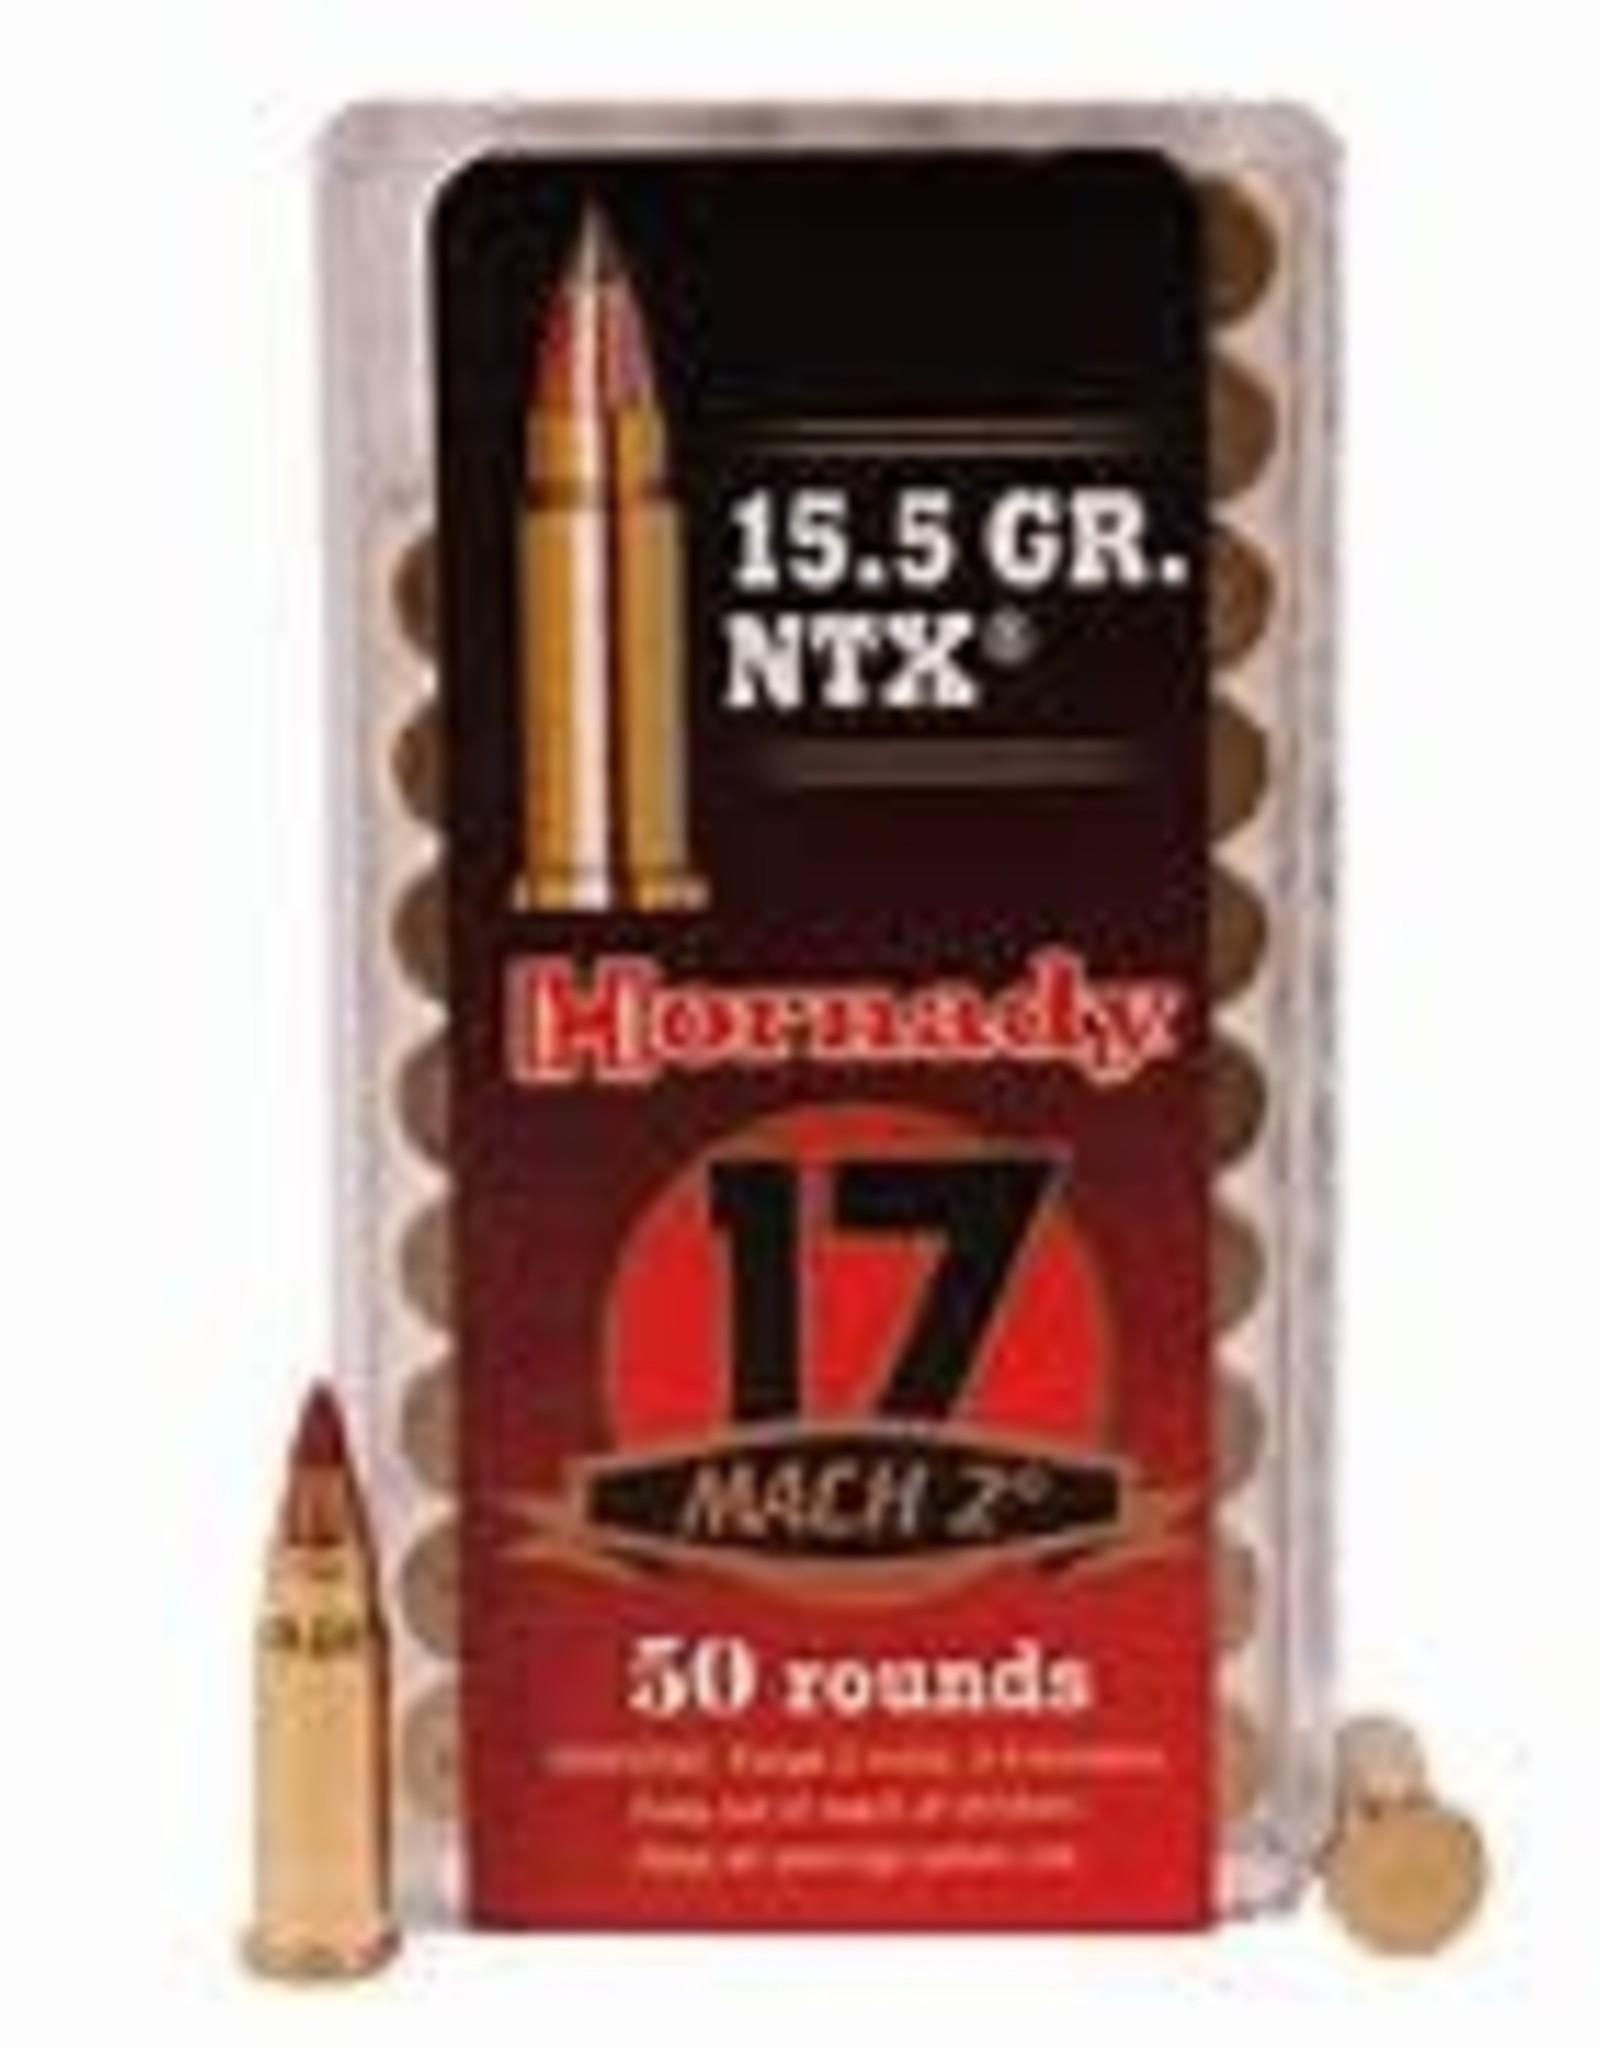 Hornady AMMO 17 MACH2 15.5 GR NTX